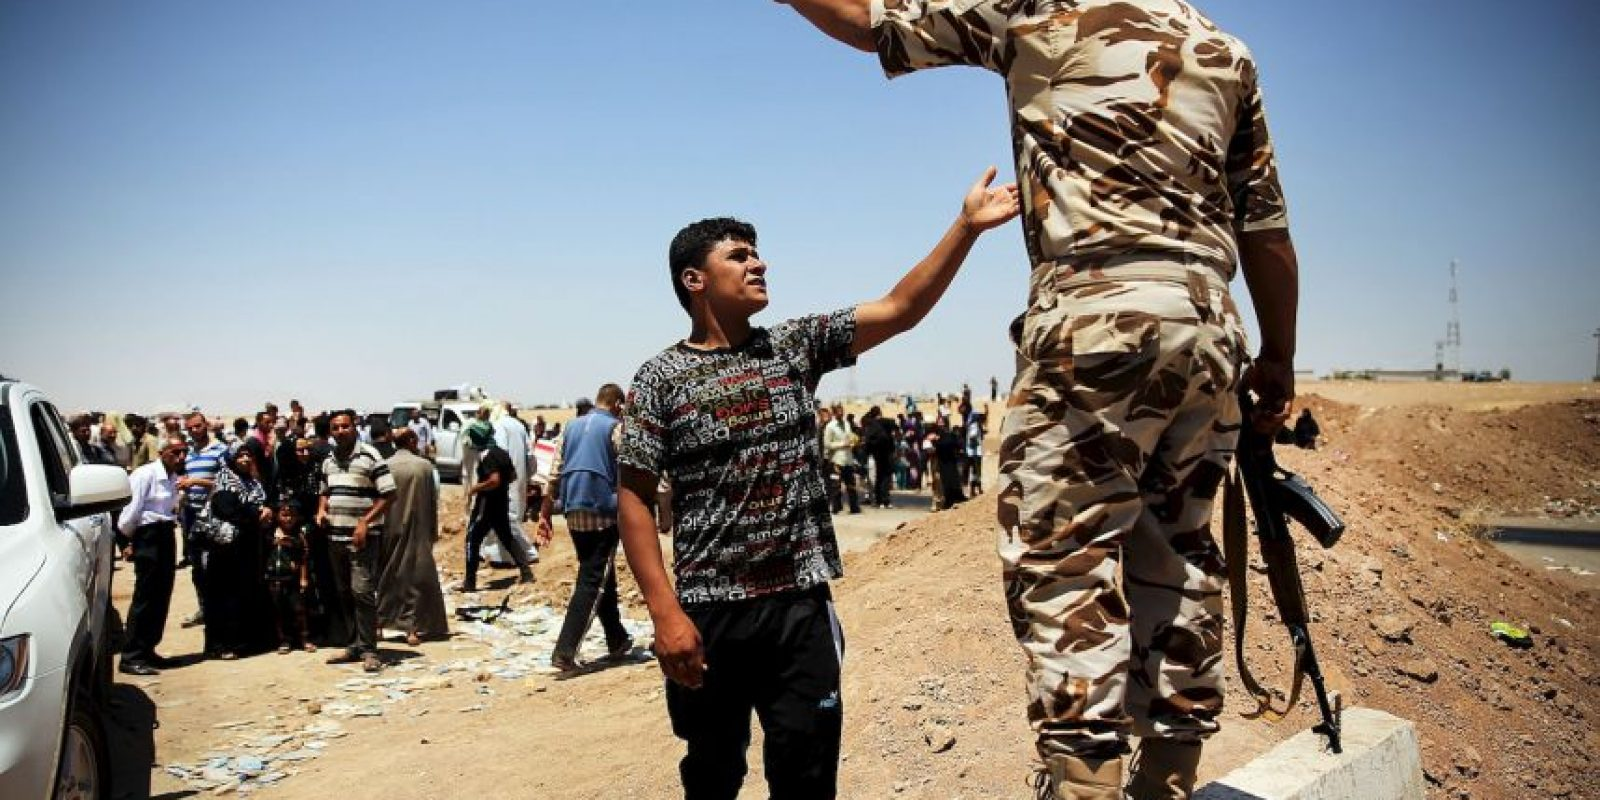 El programa busca concientizar al espectador de las difíciles situaciones que viven las personas que se encuentran en territorios como Siria Foto:Getty Images